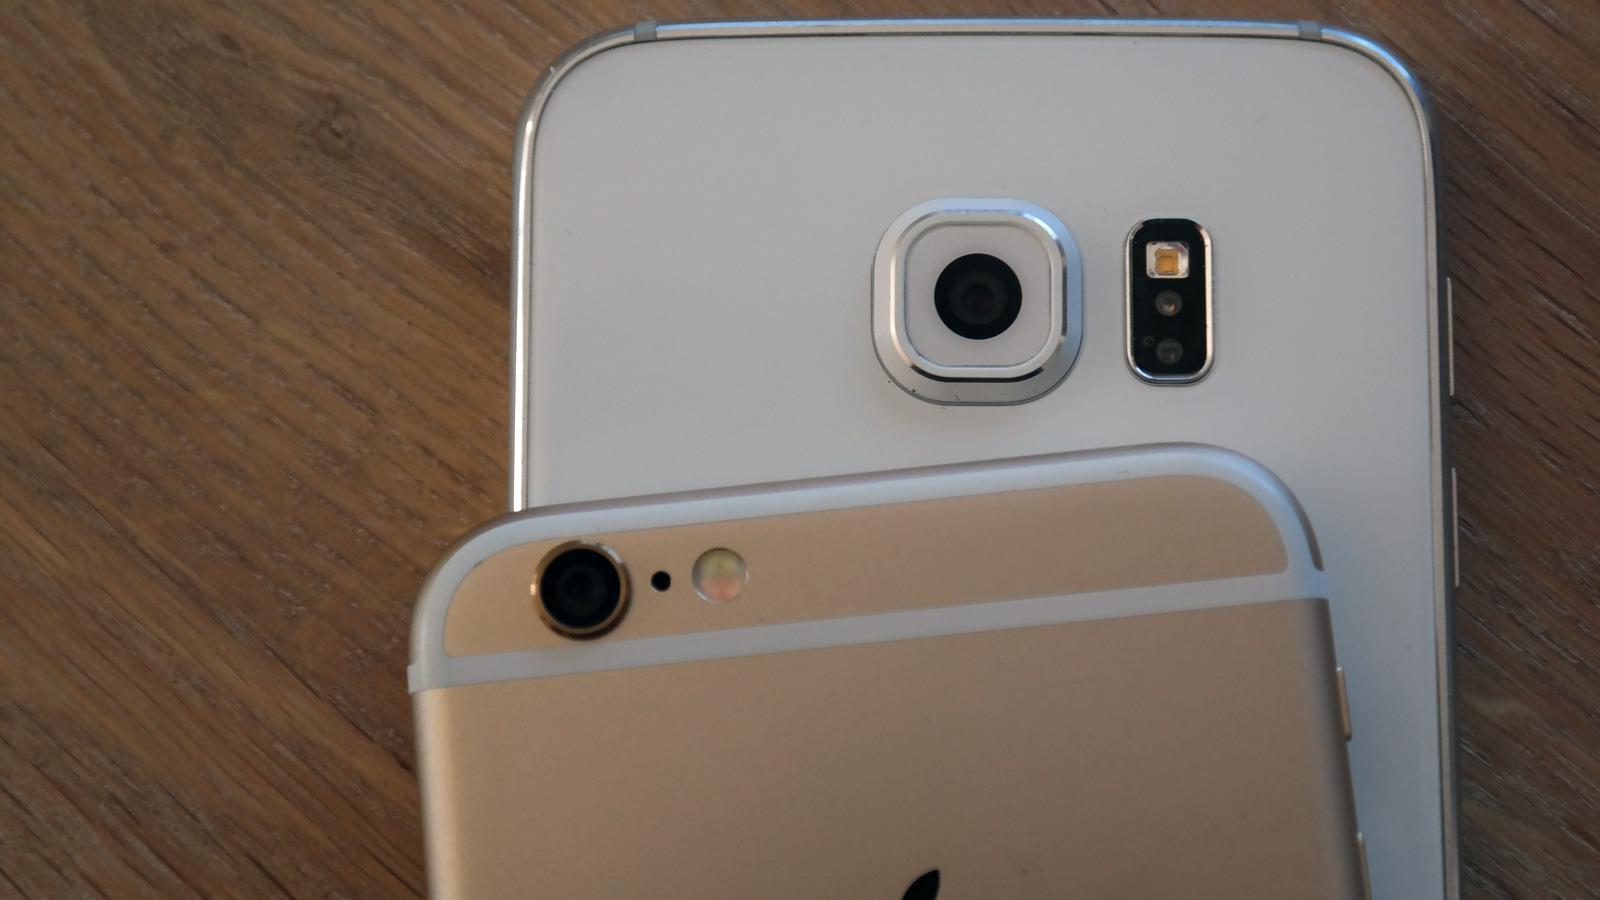 Begge kan ta bilder, men Samsungs kamera har høyere oppløsning.